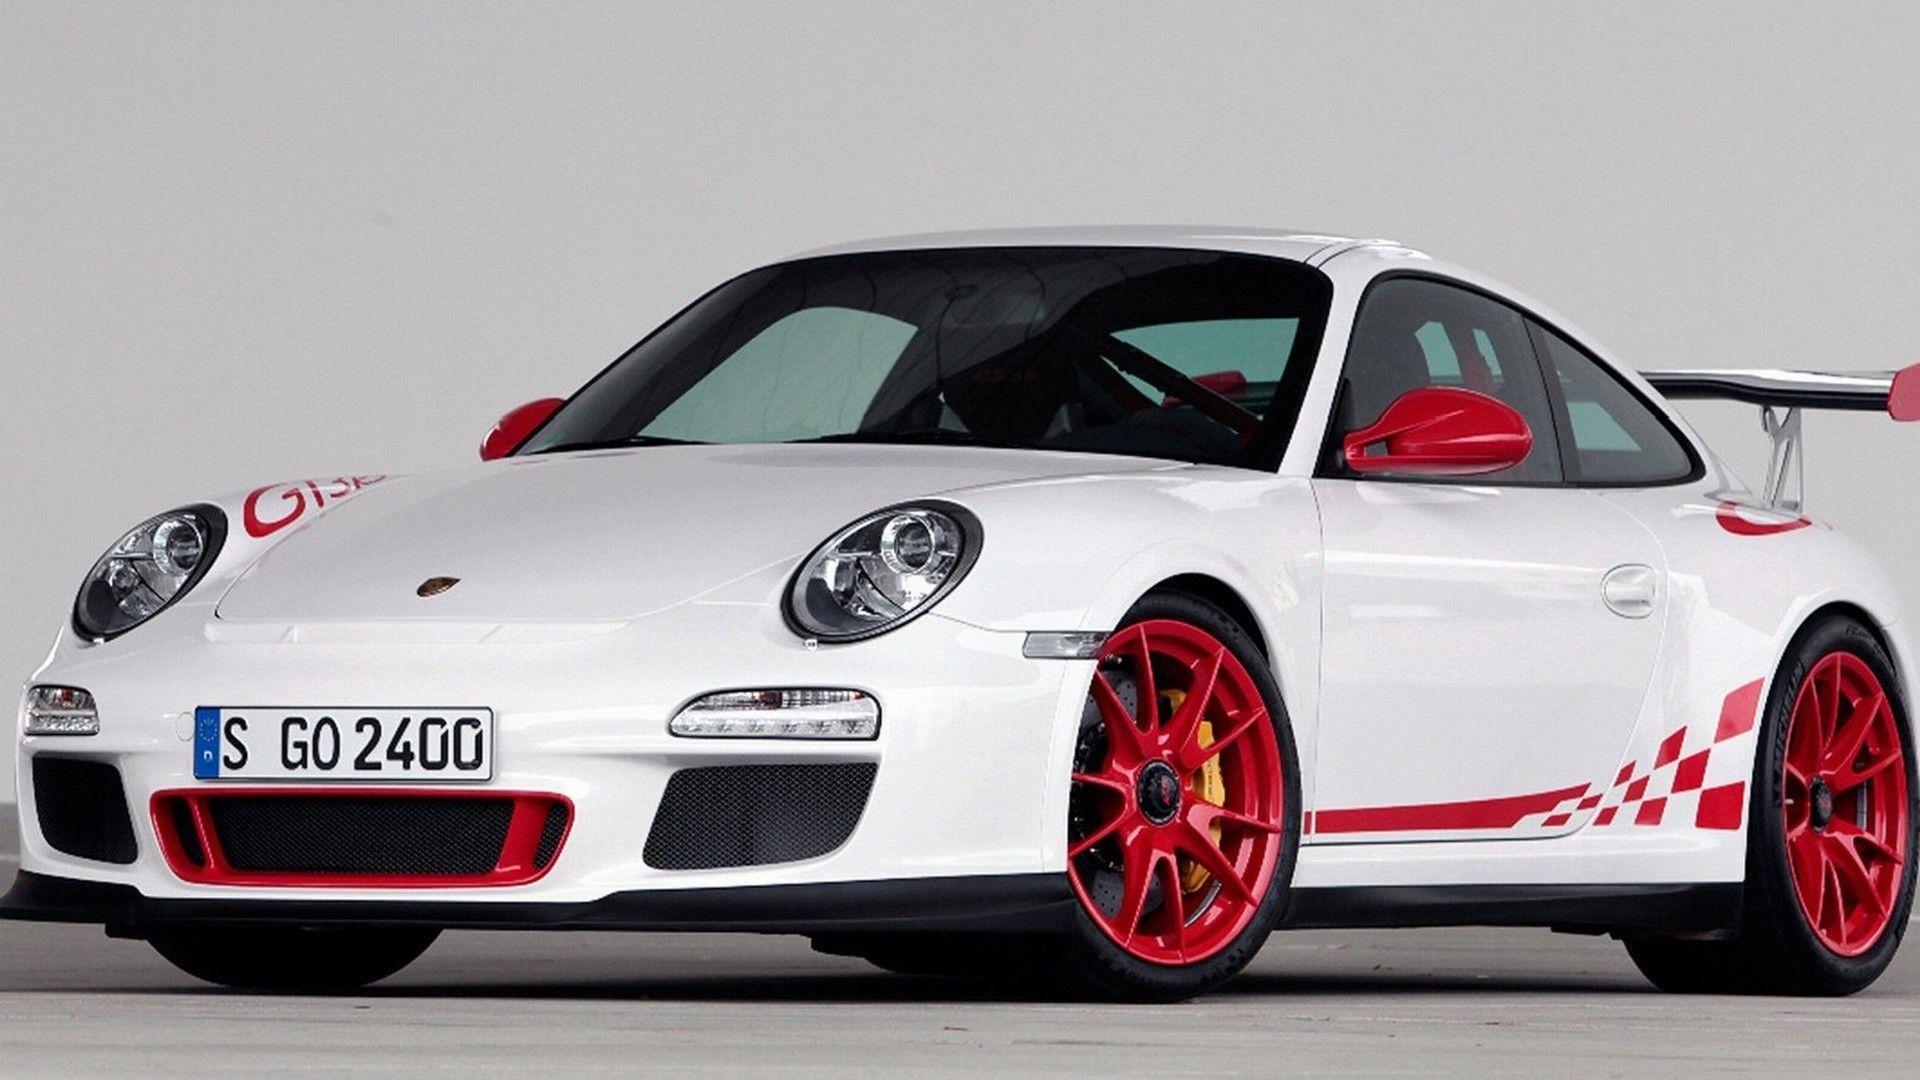 Porsche 911 GT3 RS Wallpapers 1920x1080